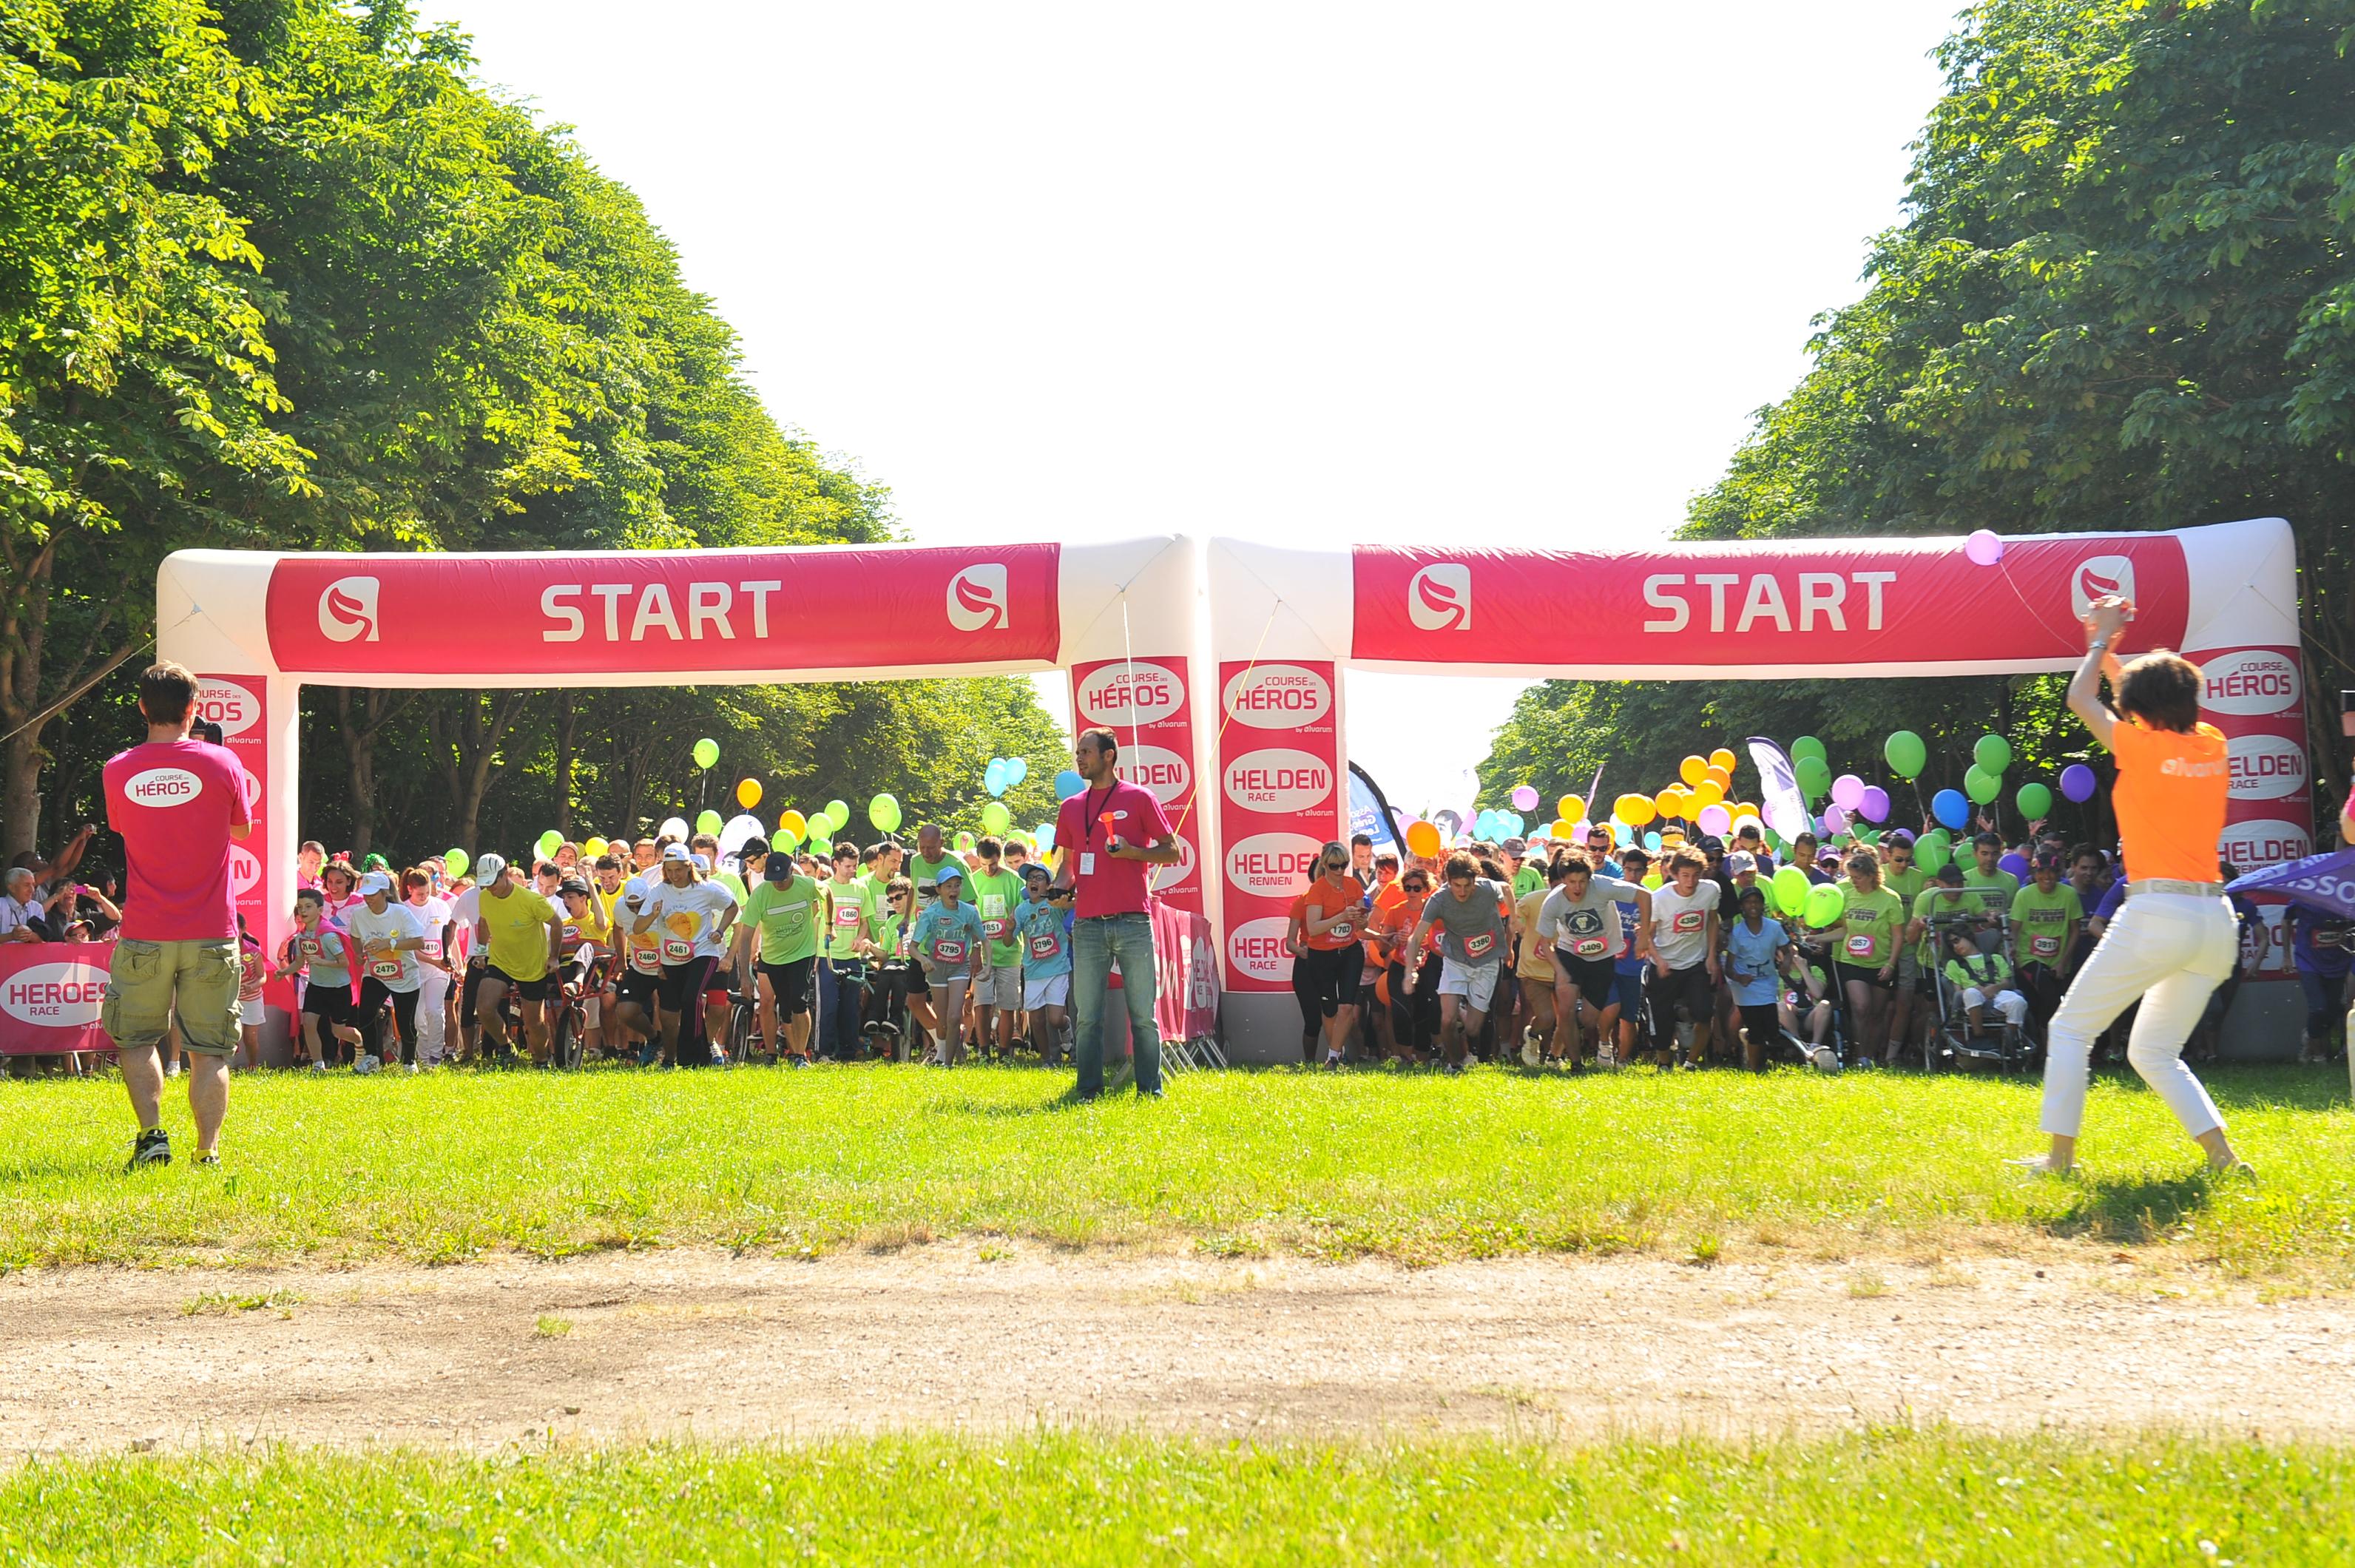 Départ de la Course des Héros - ©www.coursedesheros.com